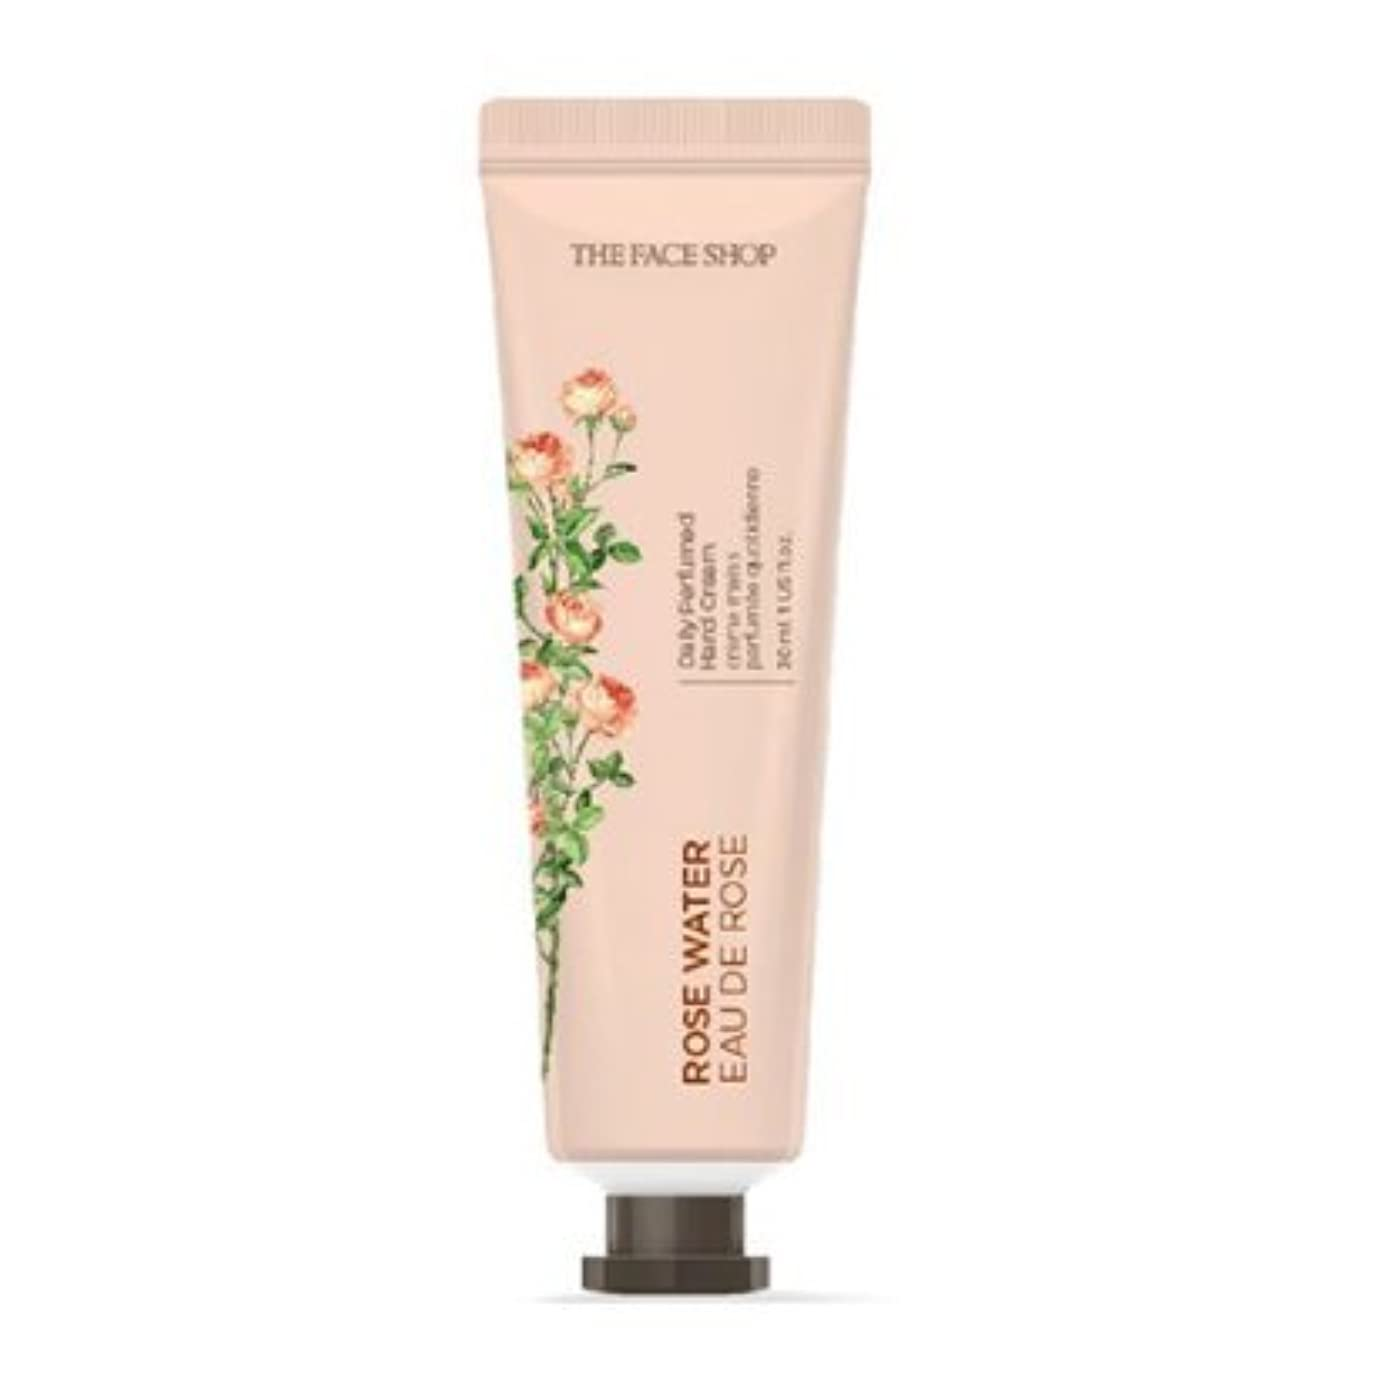 風変わりな印象的免除[1+1] THE FACE SHOP Daily Perfume Hand Cream [01.Rose Water] ザフェイスショップ デイリーパフュームハンドクリーム [01.ローズウォーター] [new] [並行輸入品]